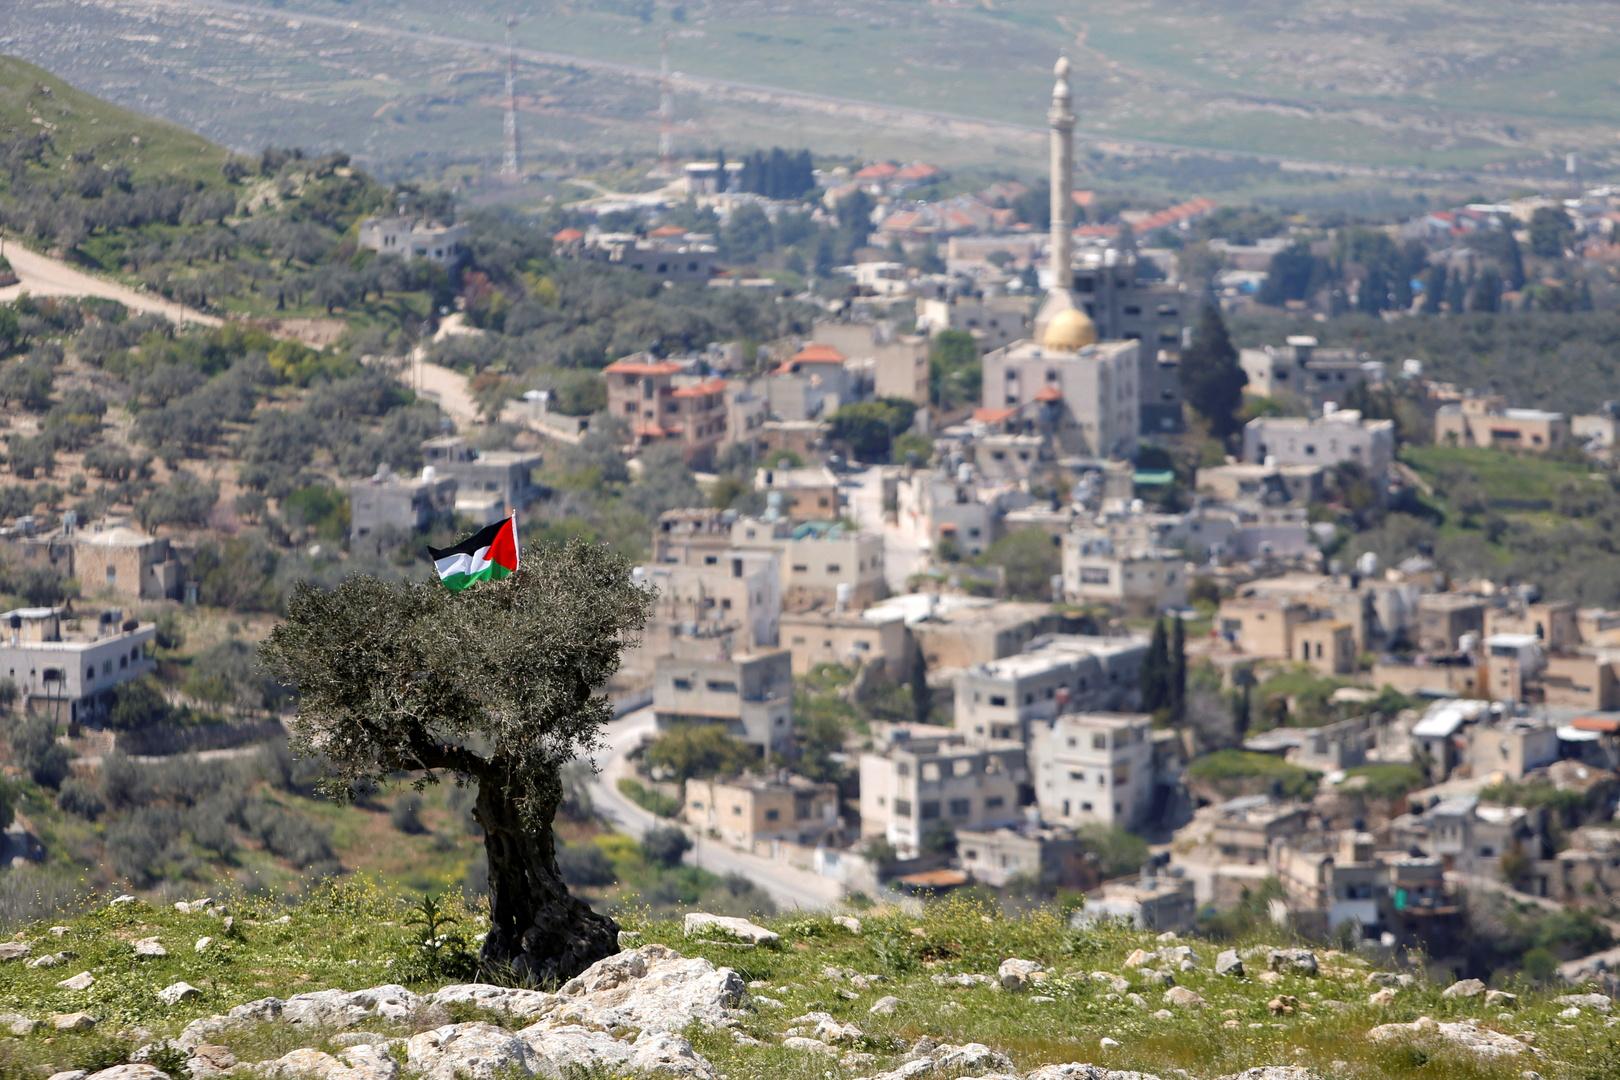 صحيفة: الصندوق القومي اليهودي يوافق على قرار يسمح له بشراء أراض بالضفة الغربية